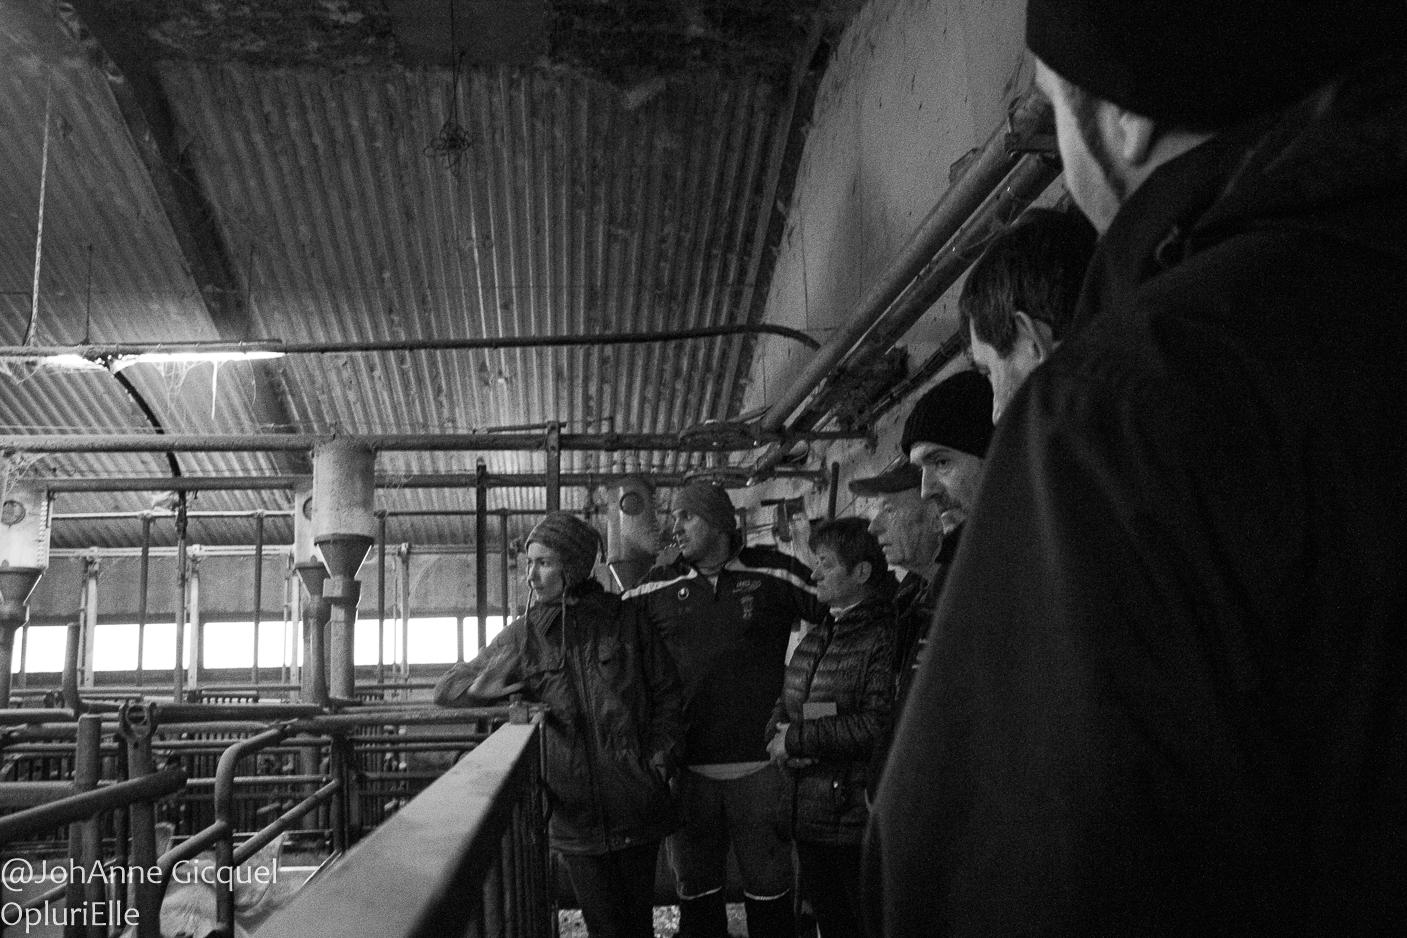 bâtiment des gestantes - visite du gros chêne Pontivy - porc sur paille - coherence